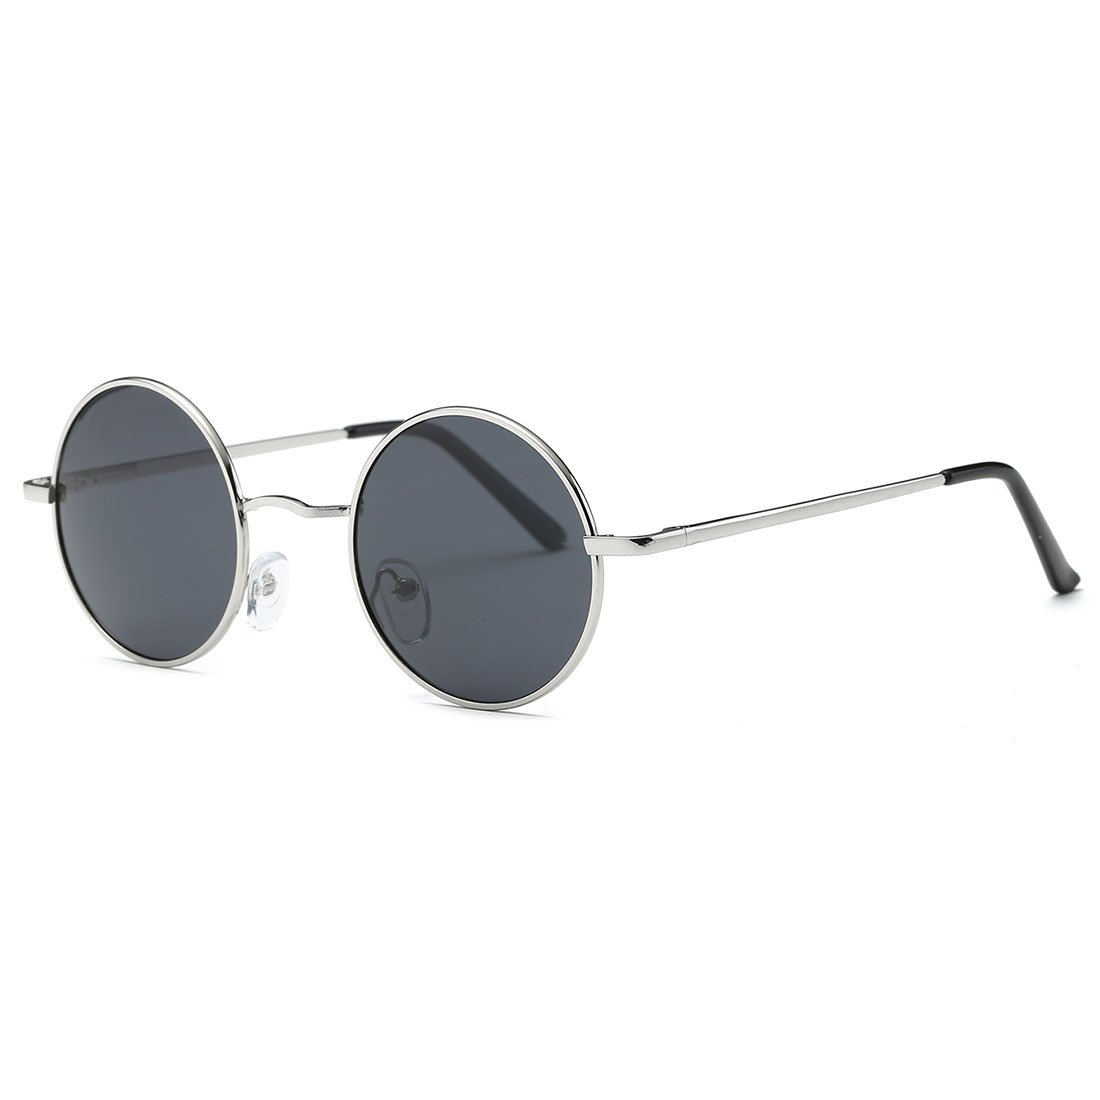 AEVOGUE Polarized Sunglasses Round Lens Metal Frame Retro Unisex Glasses AE0518 (Sliver&Black, 47) by AEVOGUE